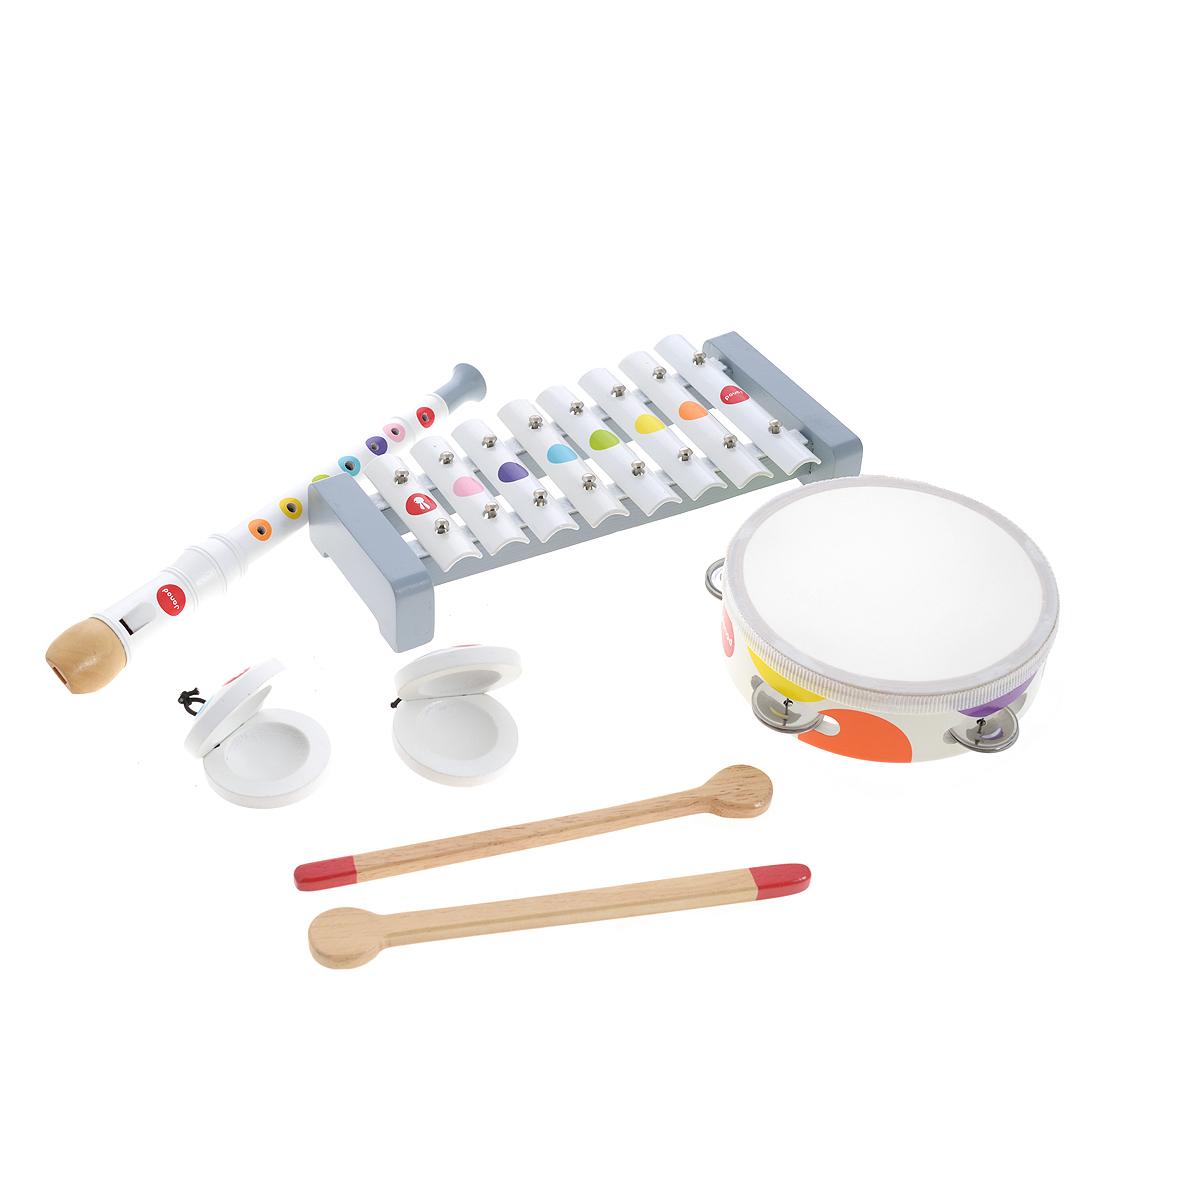 Набор музыкальных инструментов Janod Confetti, 4 предметаJ07600Набор музыкальных инструментов Janod Confetti - это отличный подарок для вашего маленького музыканта. Набор состоит из металлофона, бубна, флейты и кастаньет. Металлофон имеет 8 металлических пластин. При ударе деревянным молоточком по пластинам металлофон издает приятный звонкий звук. Длина игрушки 25,5 см. Бубен обтянут настоящей кожей, его корпус сделан из настоящей древесины. Диаметр бубна - 15 см. Флейта выполнена из дерева. Кастаньеты -выглядят и звучат как настоящие. Предметы набора выполнены из экологически чистого материала и имеют оригинальный дизайн и веселую приятную расцветку: на белом фоне расположены яркие разноцветные кружочки в виде конфетти. Игрушки упакованы в фирменную подарочную коробку.